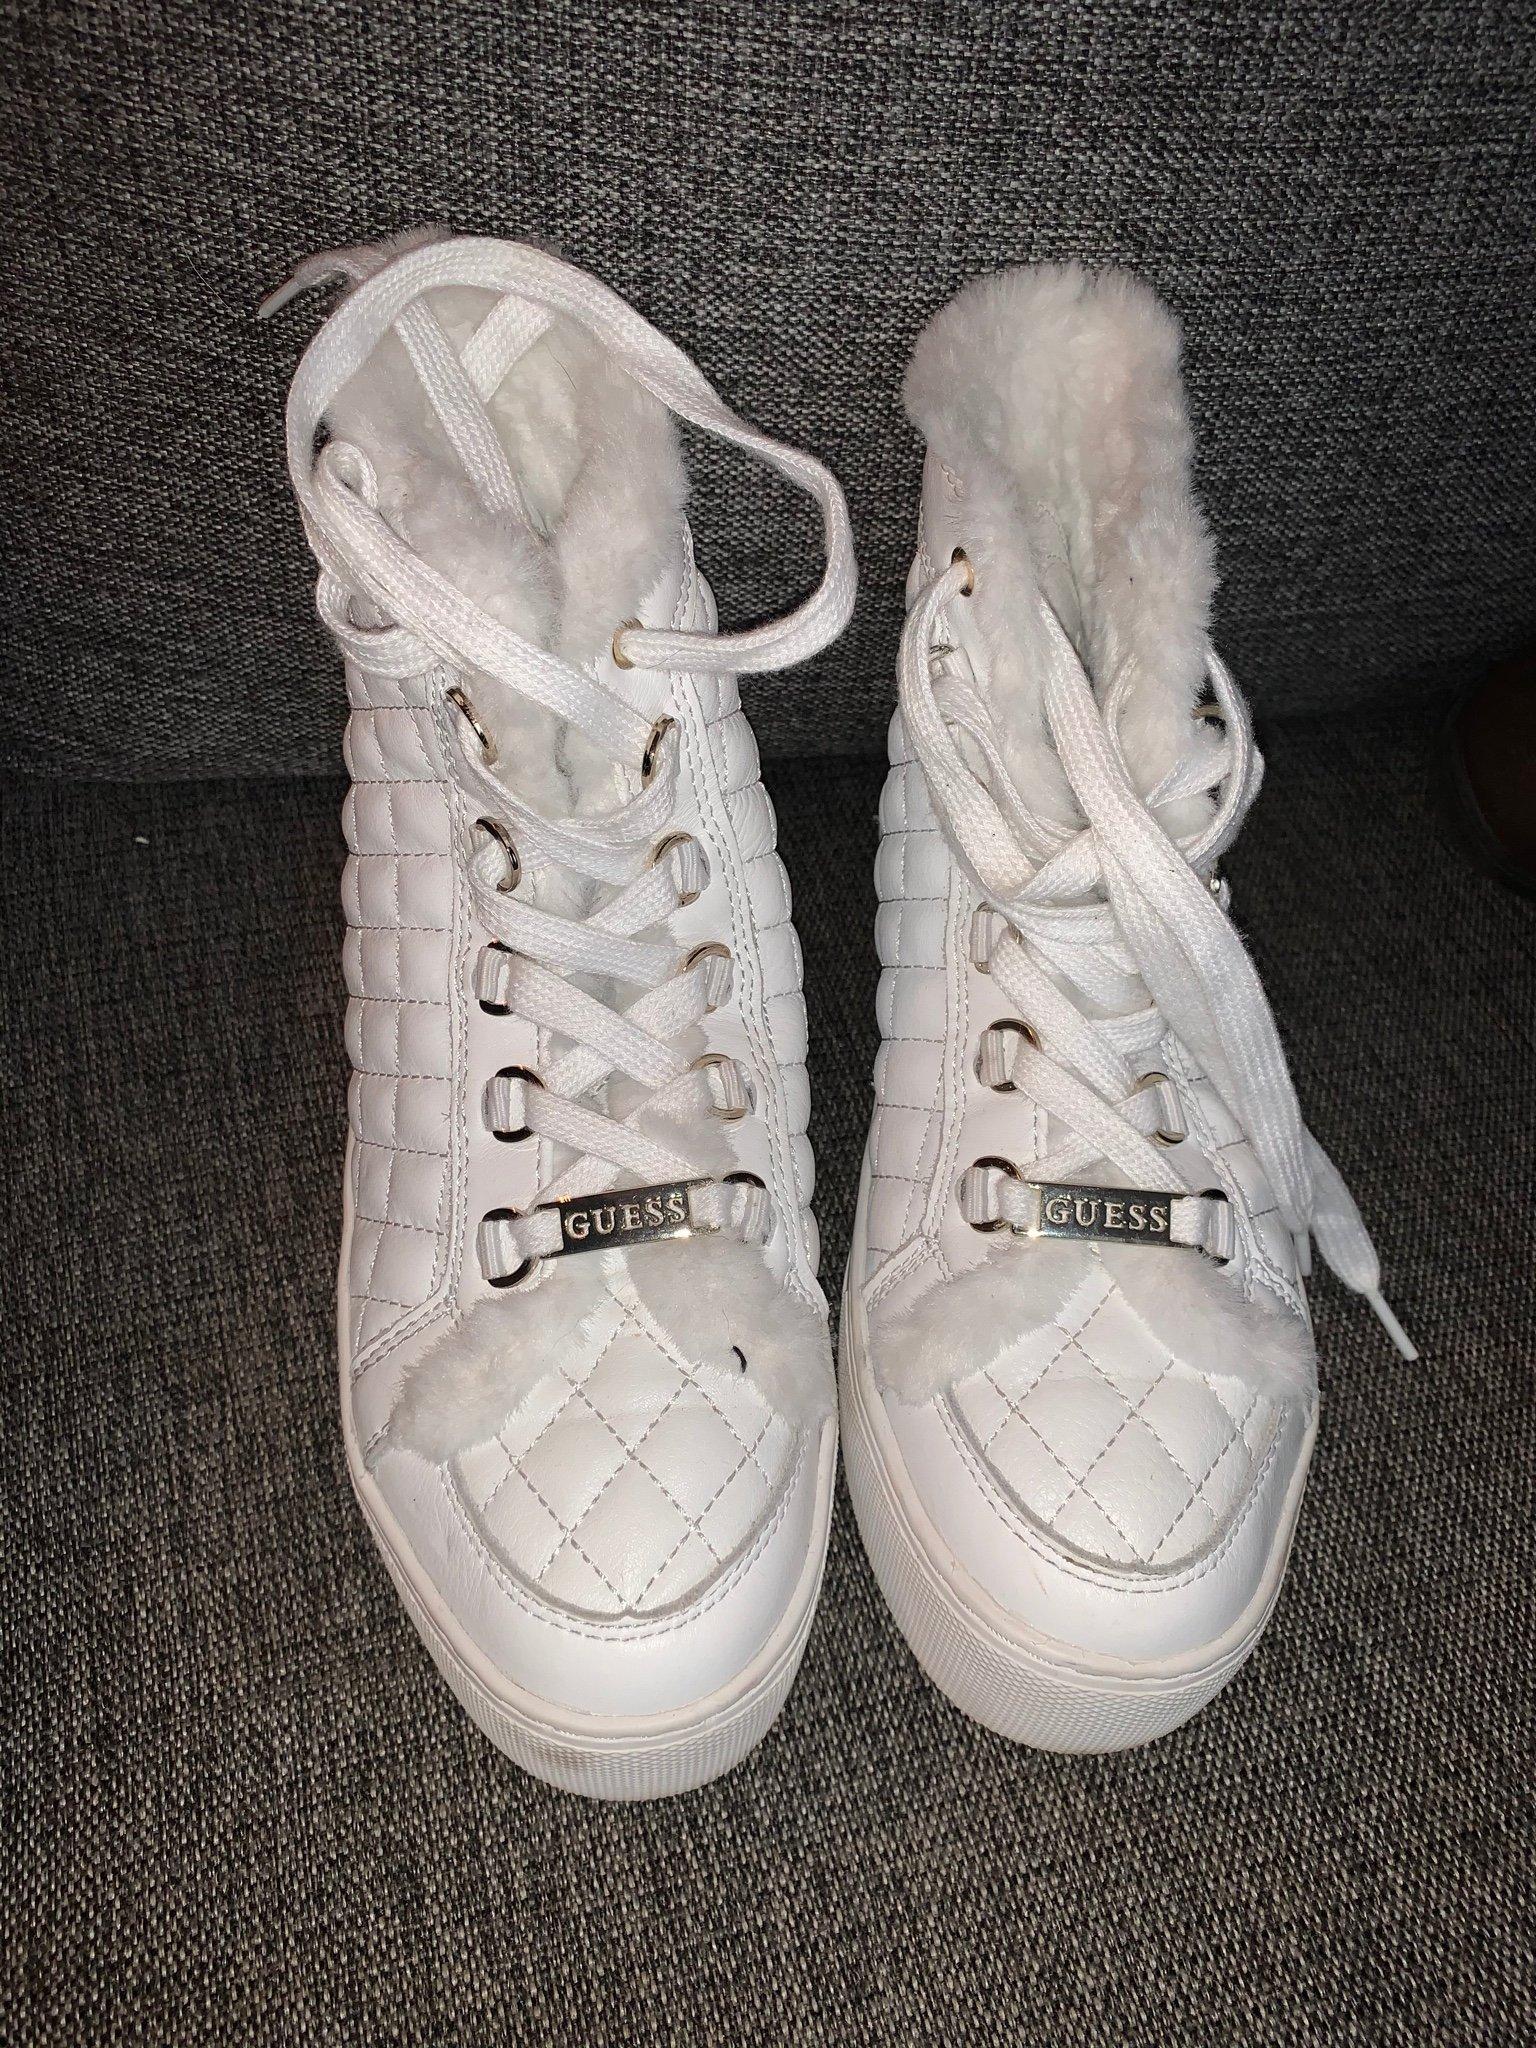 Guess skor i stl 38. Inköpta på Zalando oktober 2018. Anv. 1 ggr